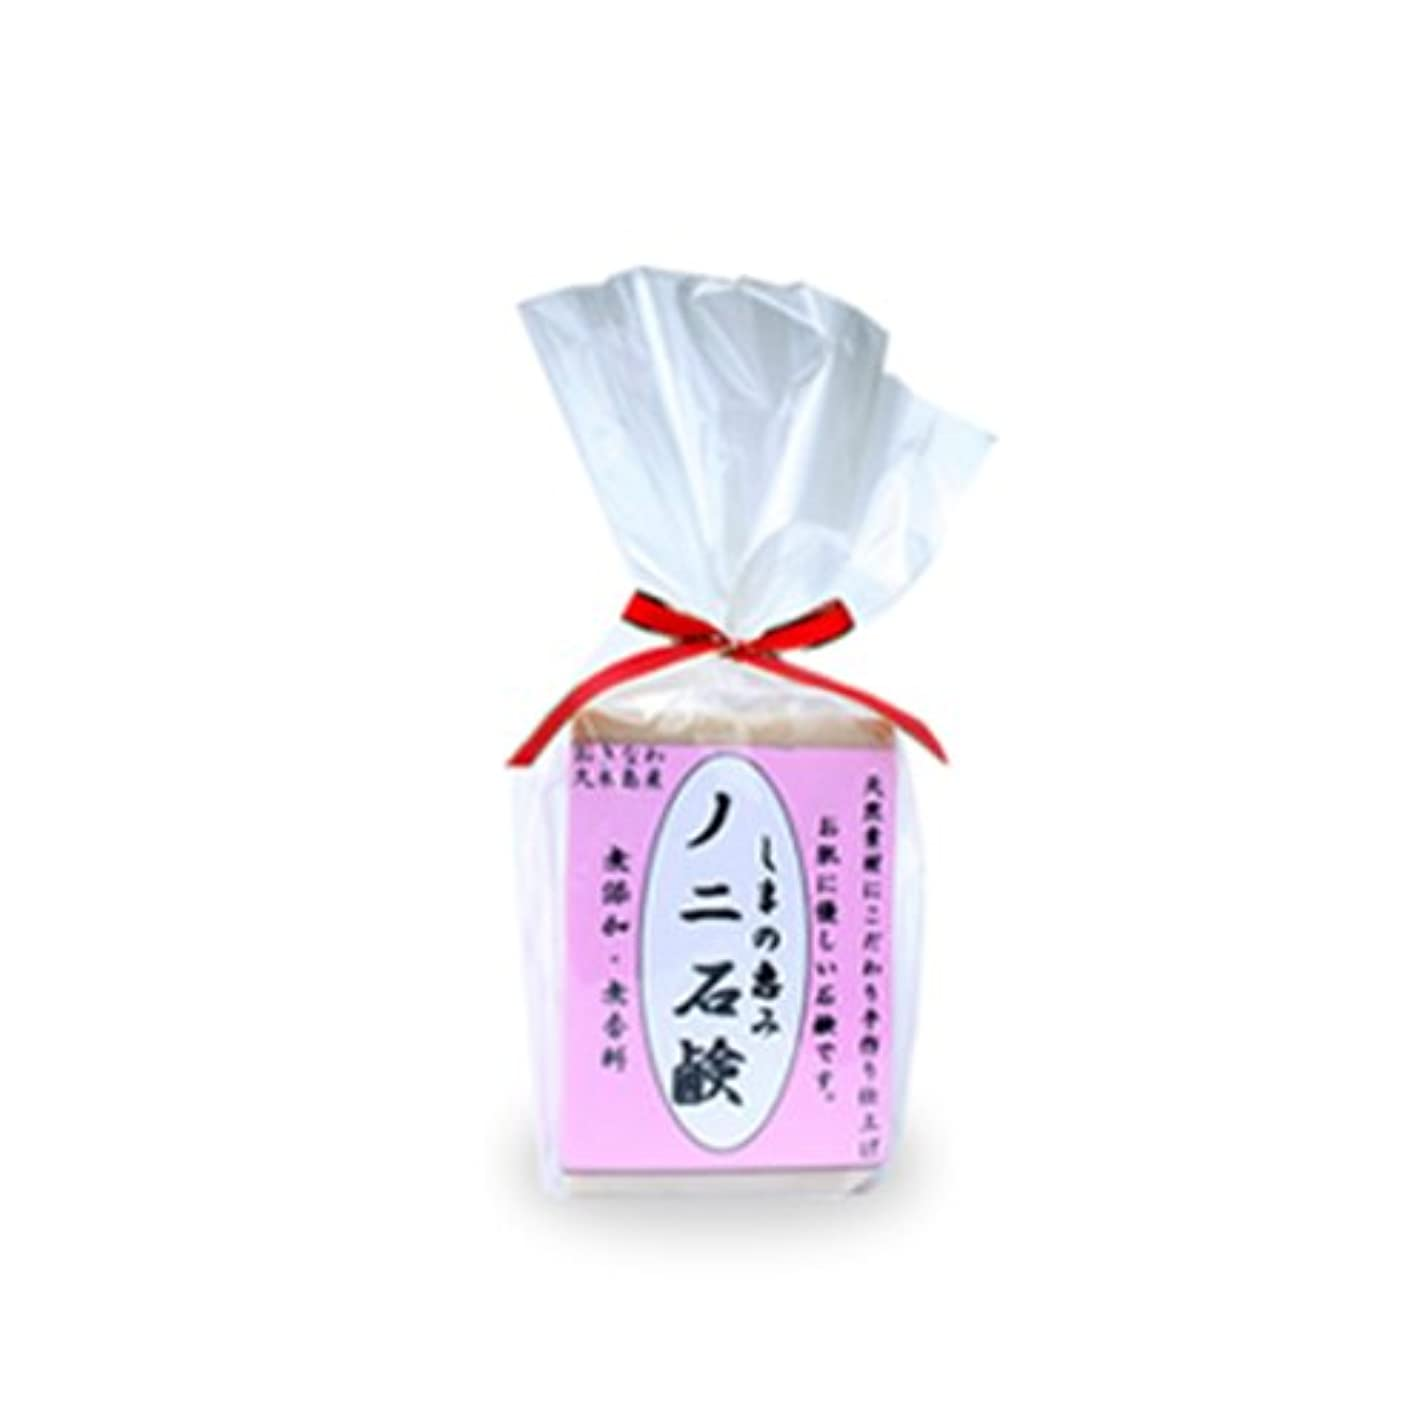 穿孔する気付くサージノ二石鹸×3個 久米島物産販売 沖縄の海洋深層水ミネラルとノニを配合した無添加ソープ